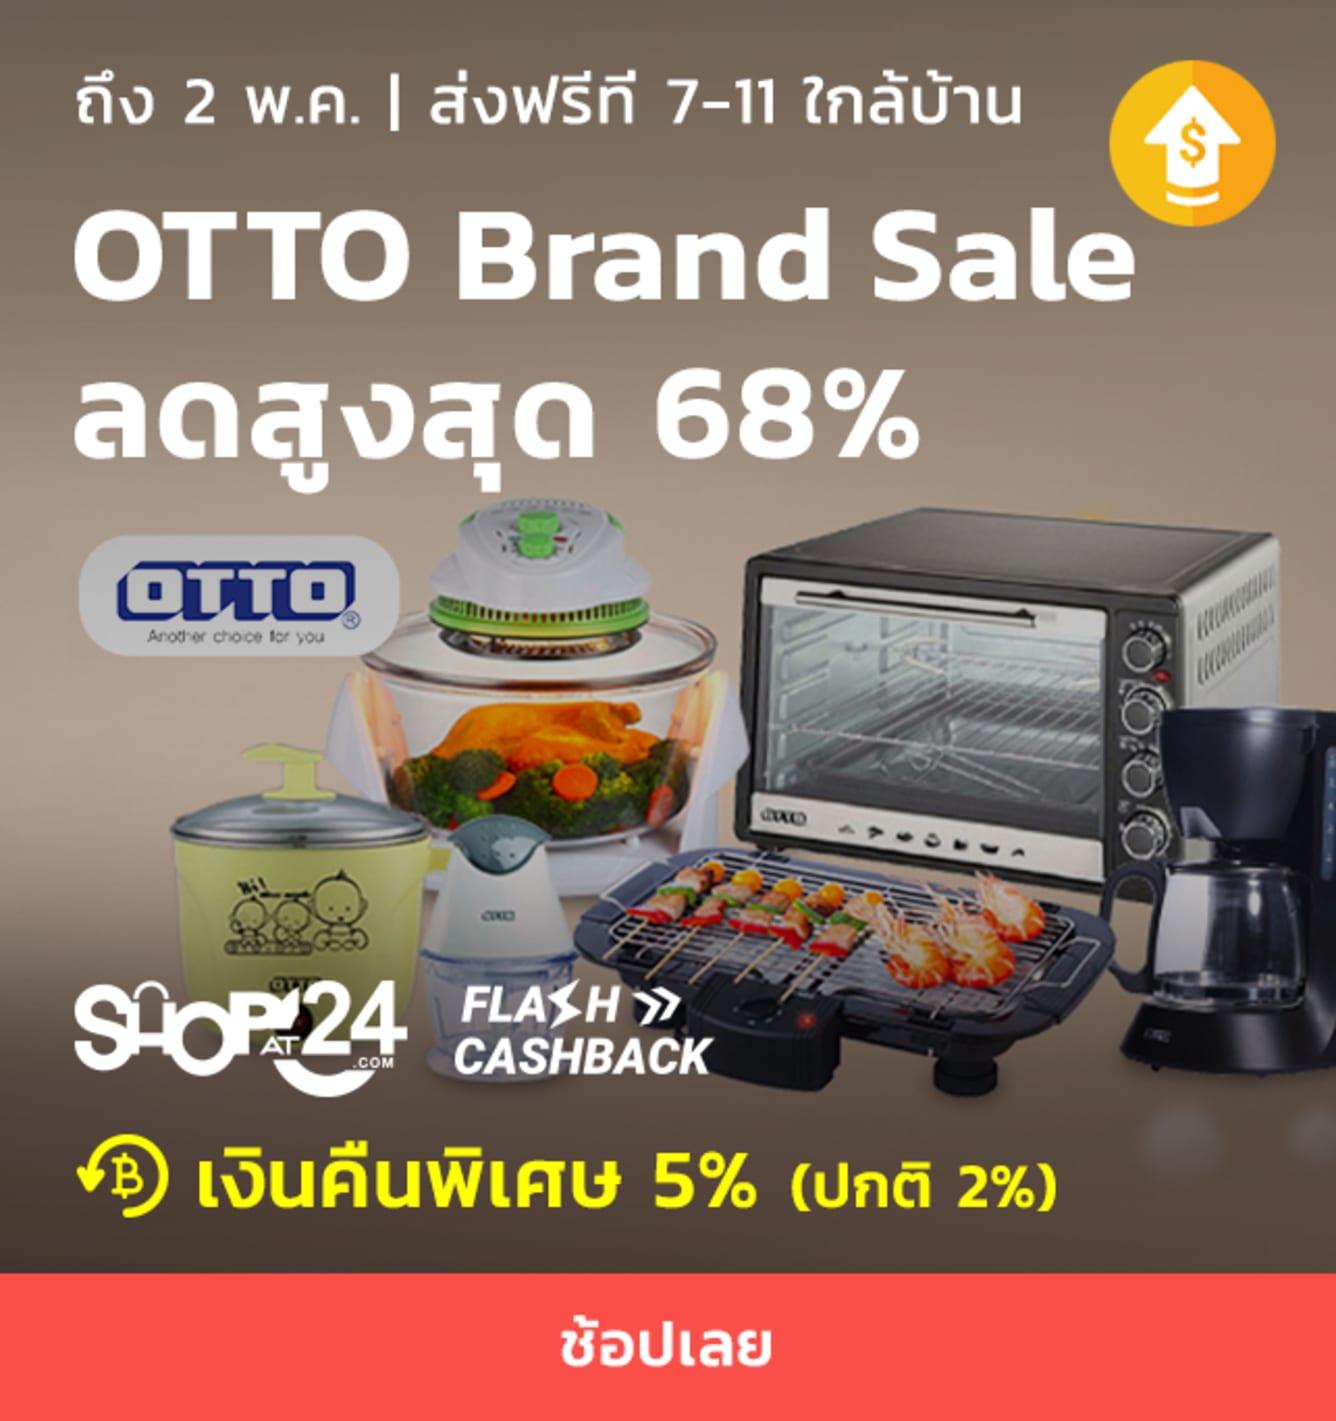 Shopat24 Upsize APR 2019 #2